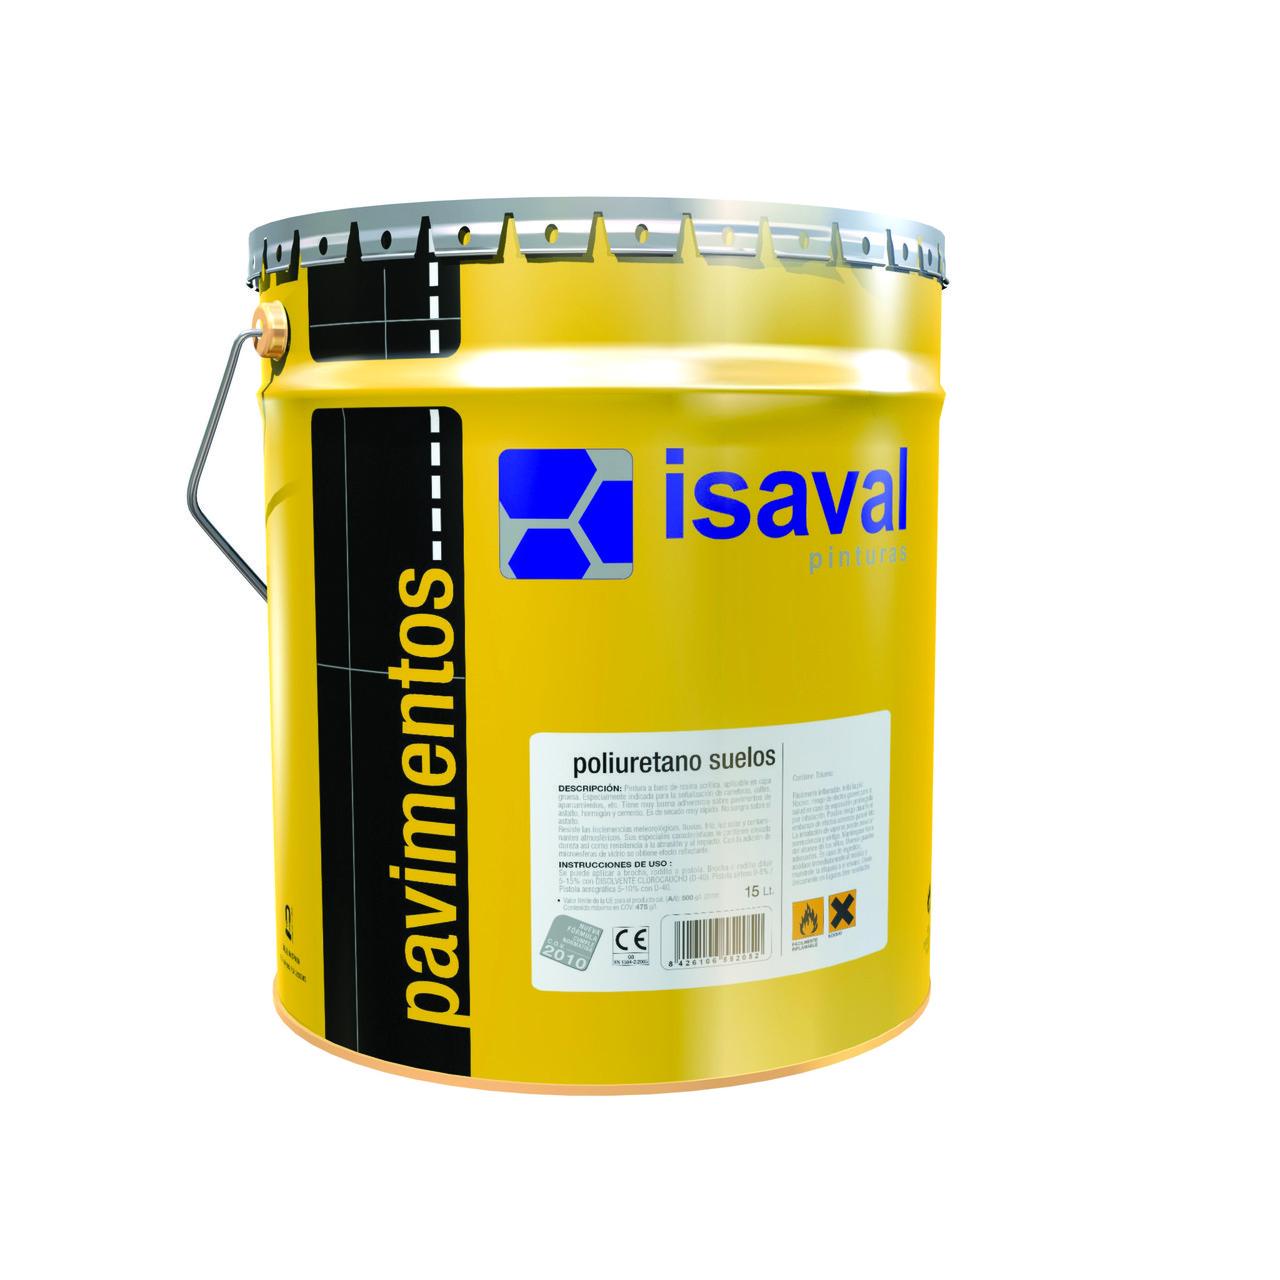 Фарба поліуретанова ISAVAL Дуэполь 16 л прозора база -для промислових бетонних підлог, паркінгів, гаражів